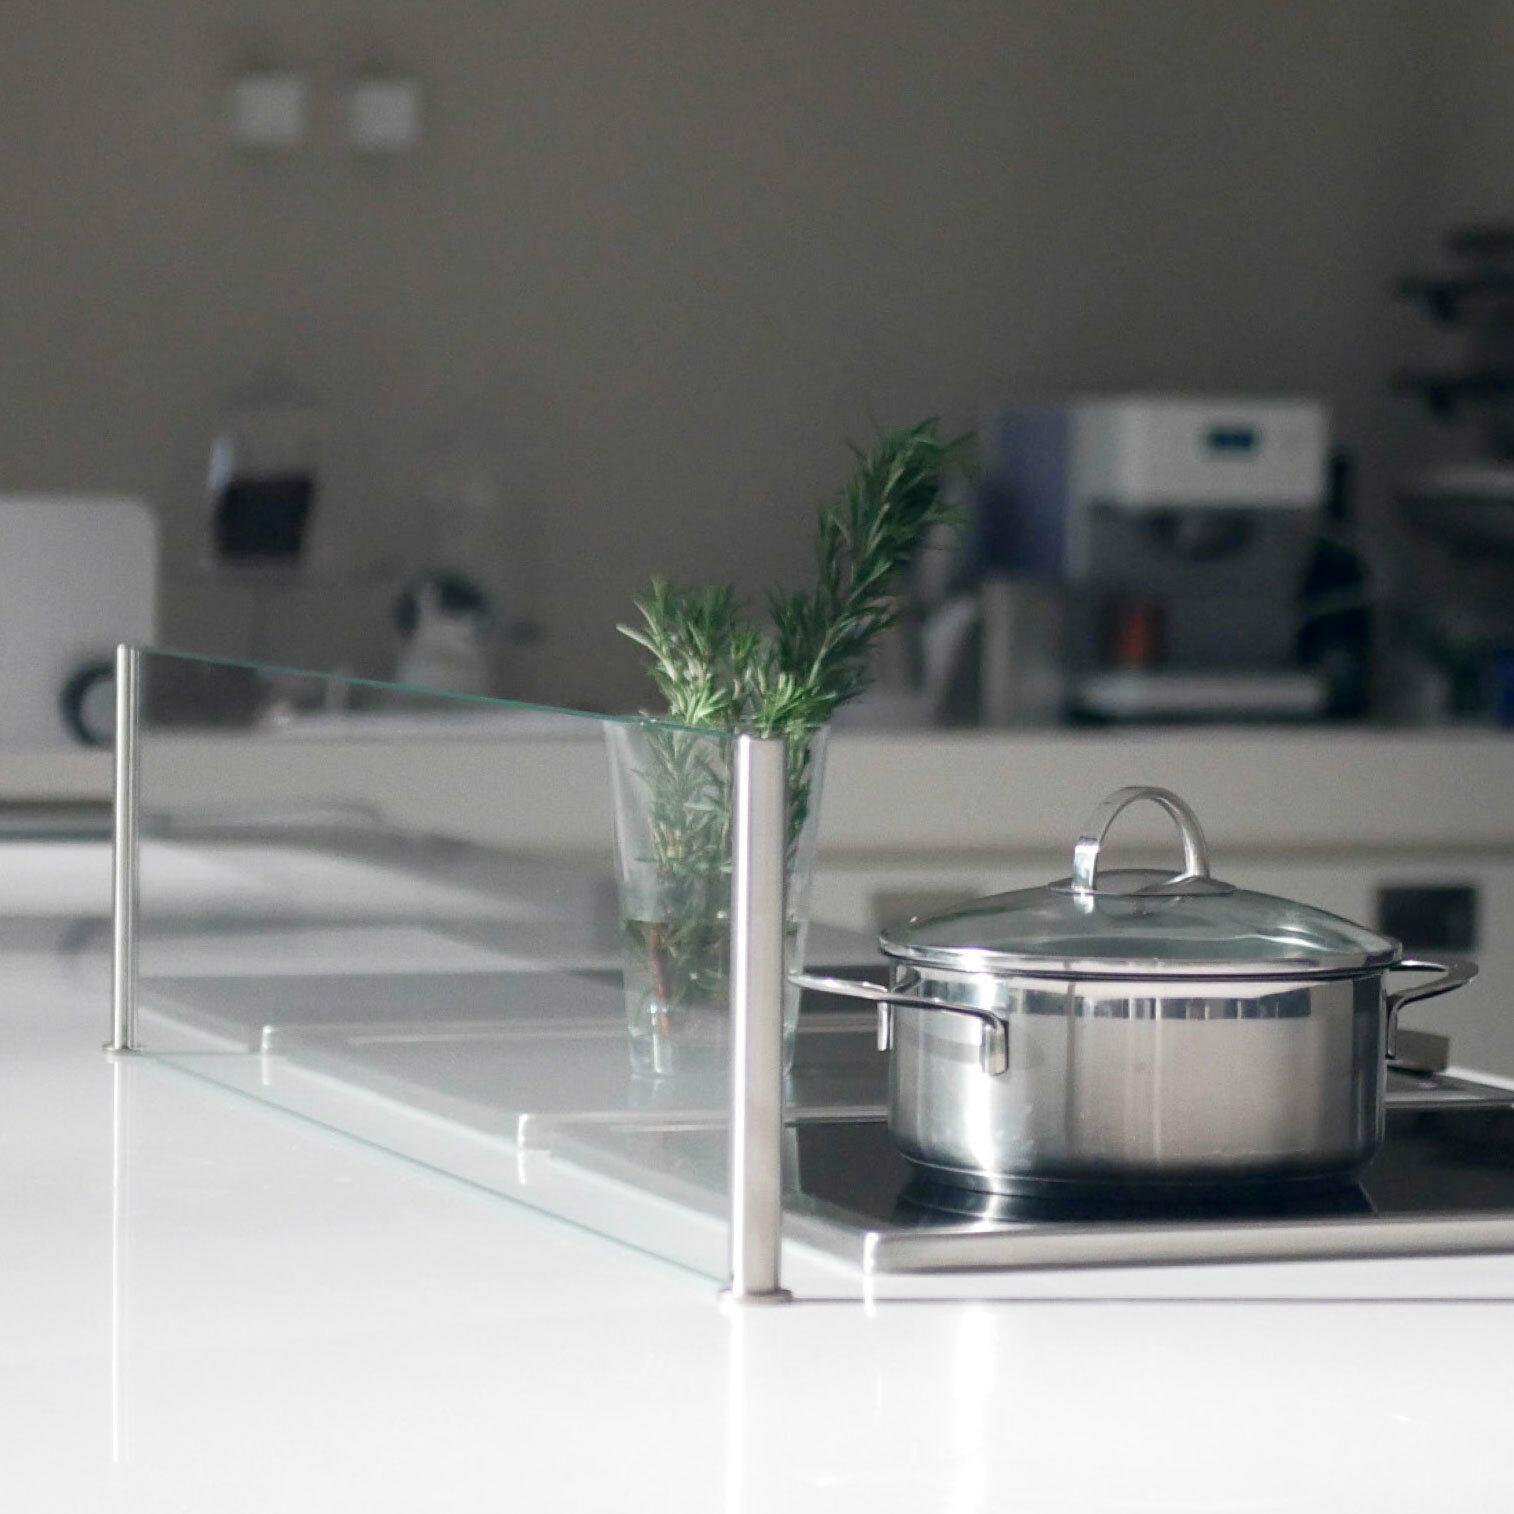 Spritzschutz Küche  SPRITZSCHUTZ PROTECT SPRITZSCHUTZ Küche Herd Glas